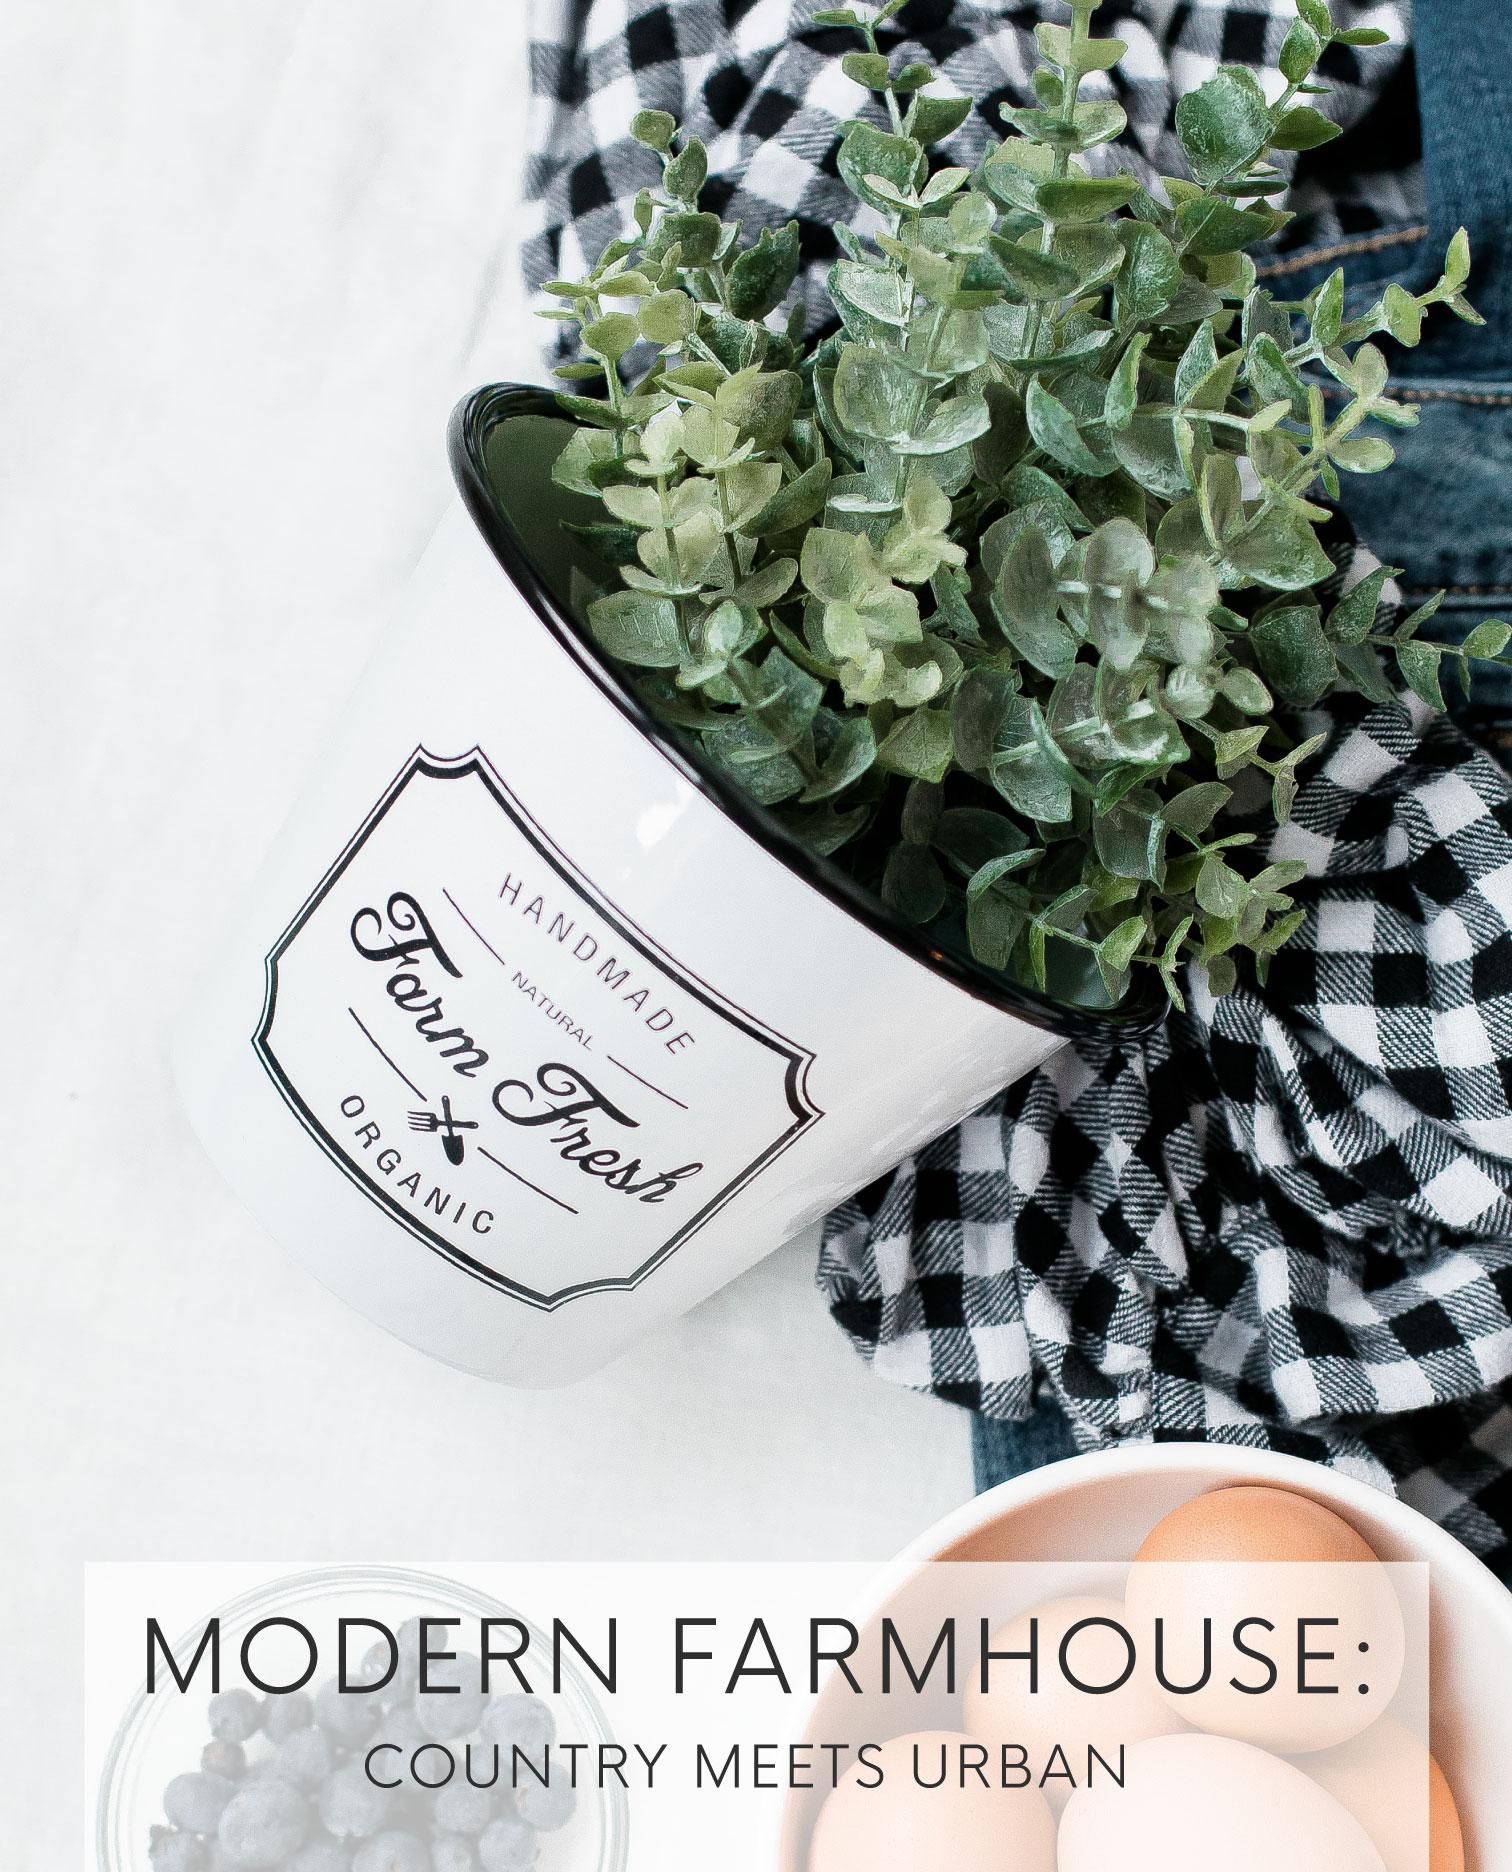 SHOP MODERN FARMHOUSE